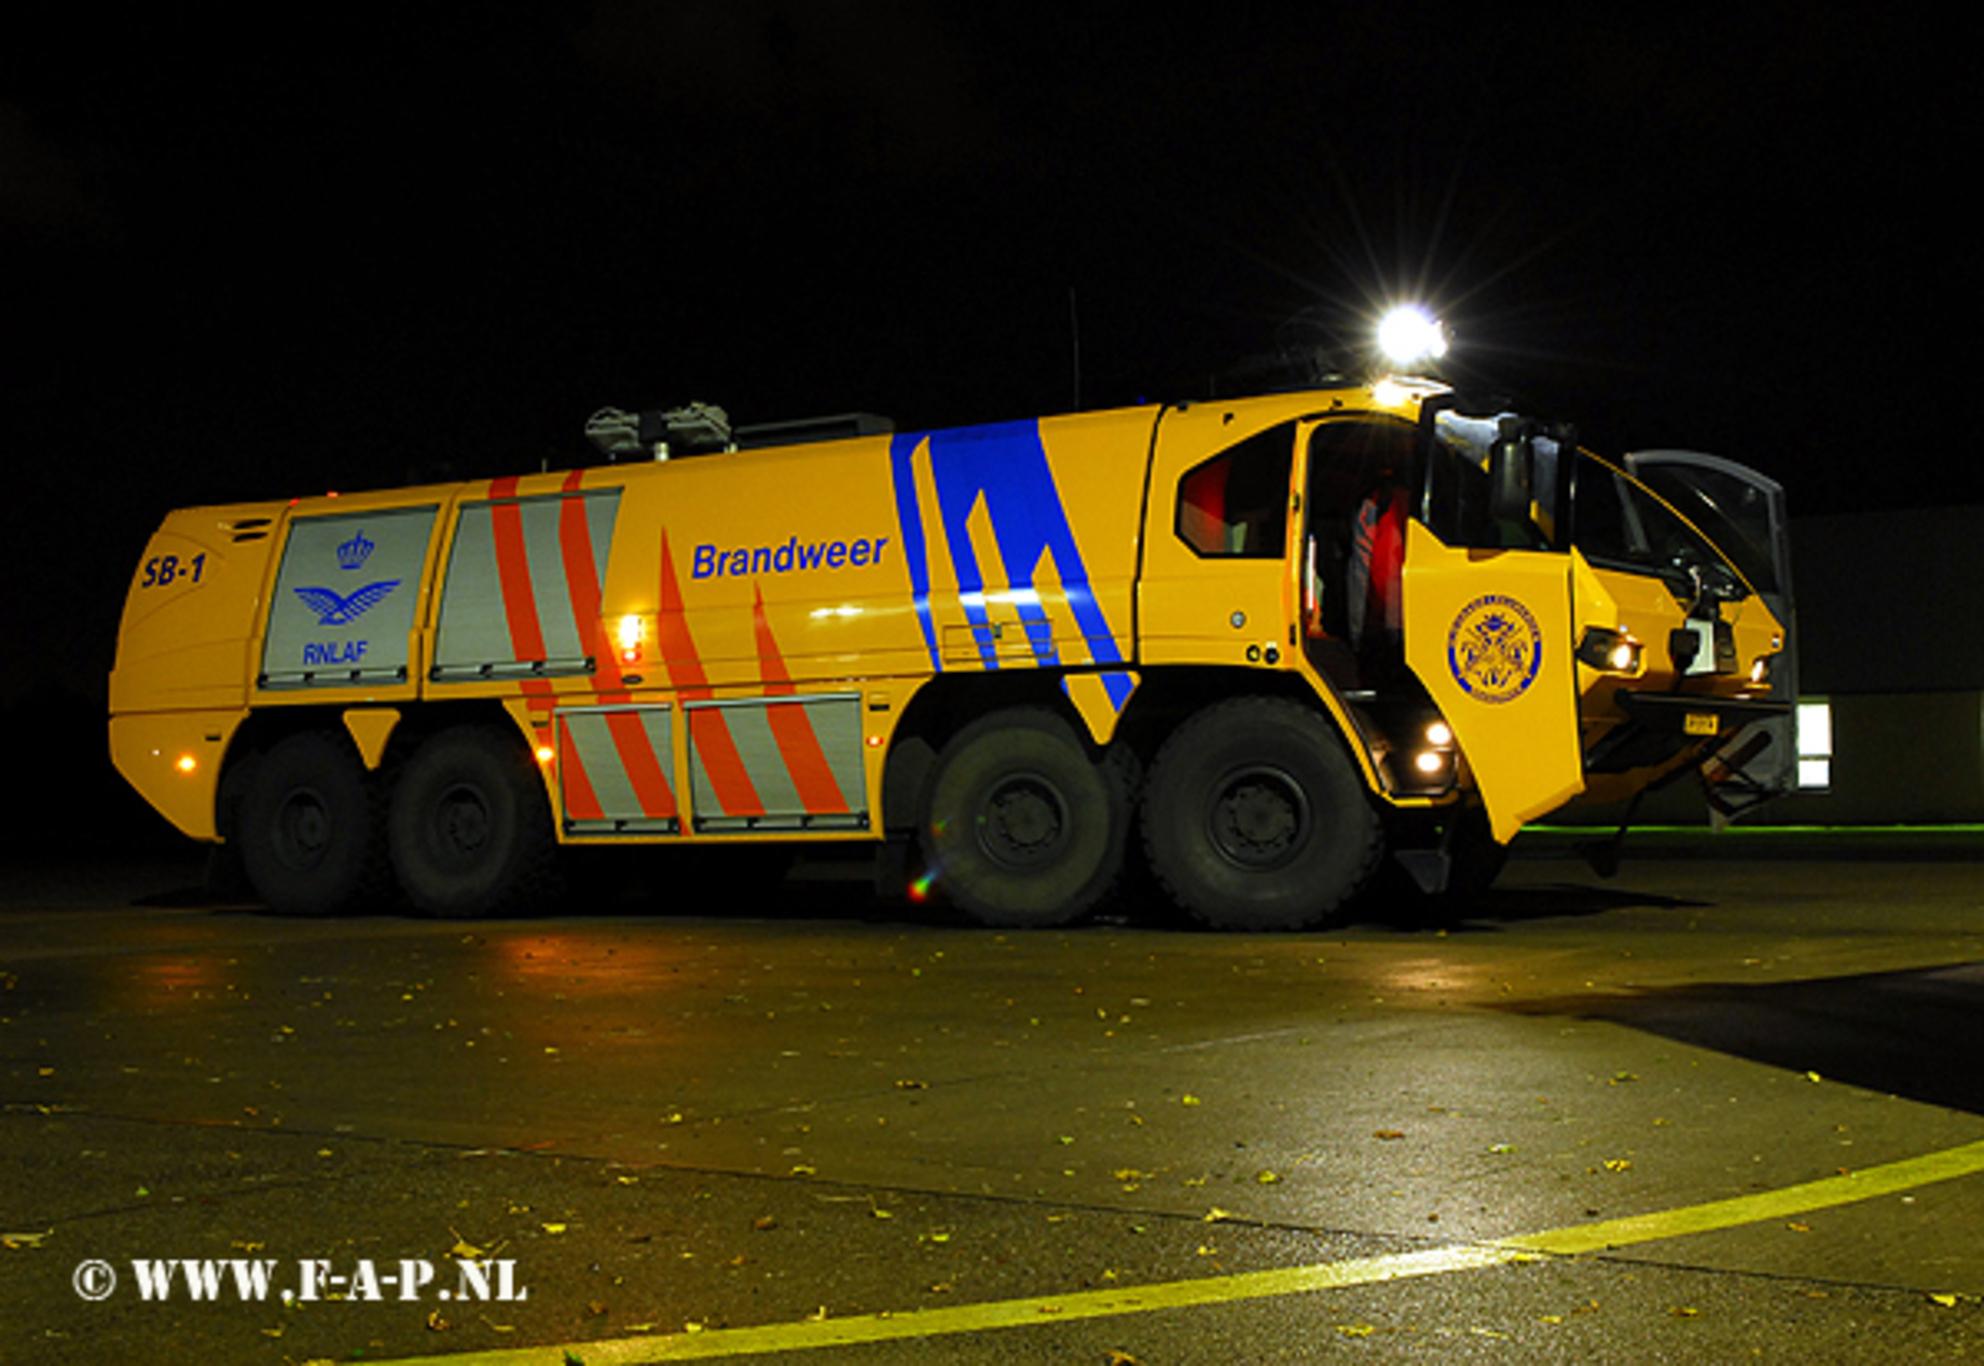 E_One LM-59-74 - E_One LM-59-74  Leeuwarden - foto door fap op 06-06-2014 - deze foto bevat: nacht, brandweer, luchtmacht, tender, nacht fotografie, fap, e.one - Deze foto mag gebruikt worden in een Zoom.nl publicatie